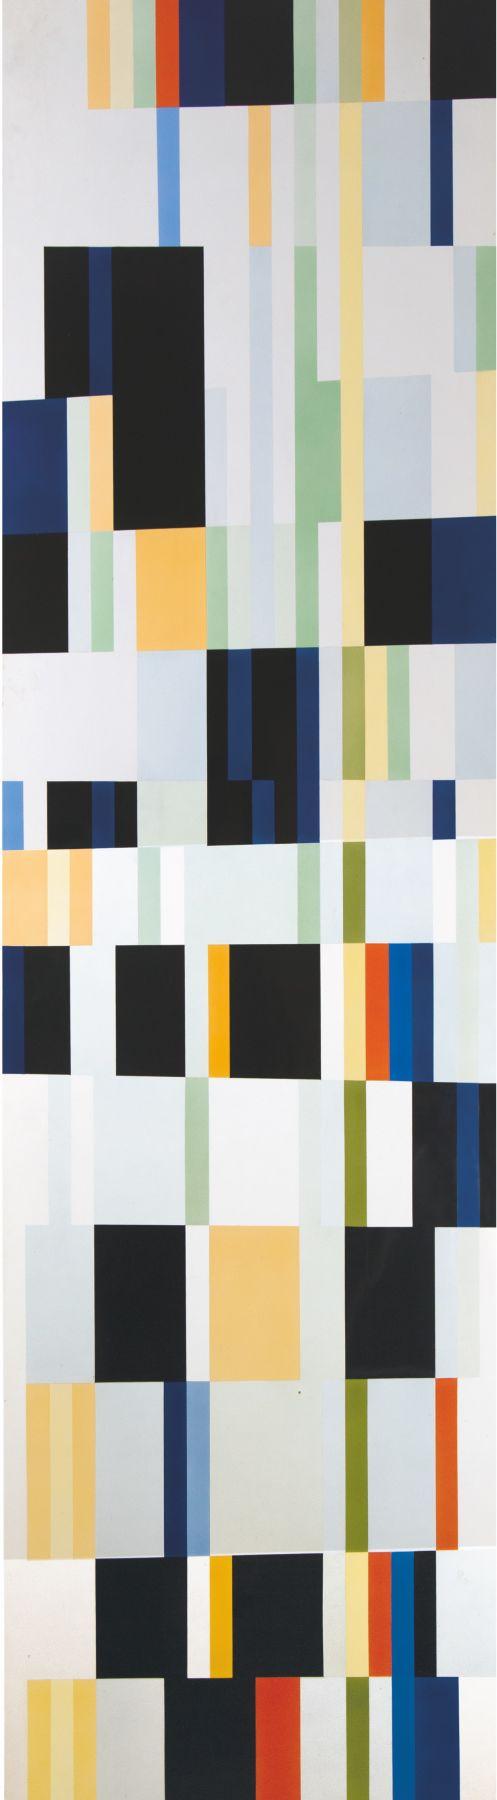 Alejandro Otero, Tablón 13, Bonjour M. Cezanne [Plank 13, Good Morning Cezanne], 1987. Industrial enamel on wood, 78 11/16 x 21 5/8 in. (200 x 55 cm.)